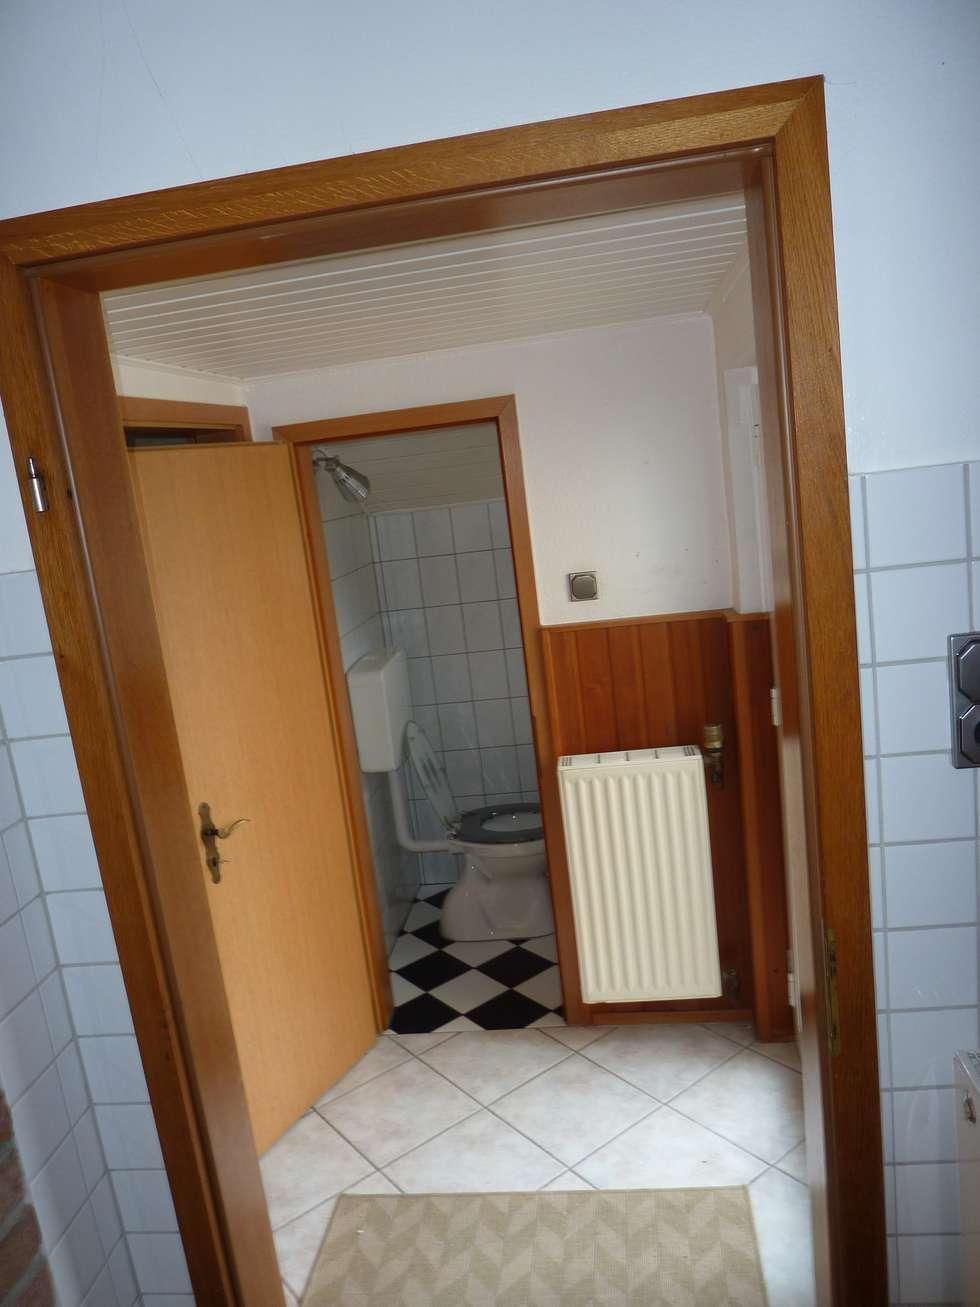 Alter flur landhausstil wohnzimmer von neue - Innenarchitektur flur ...